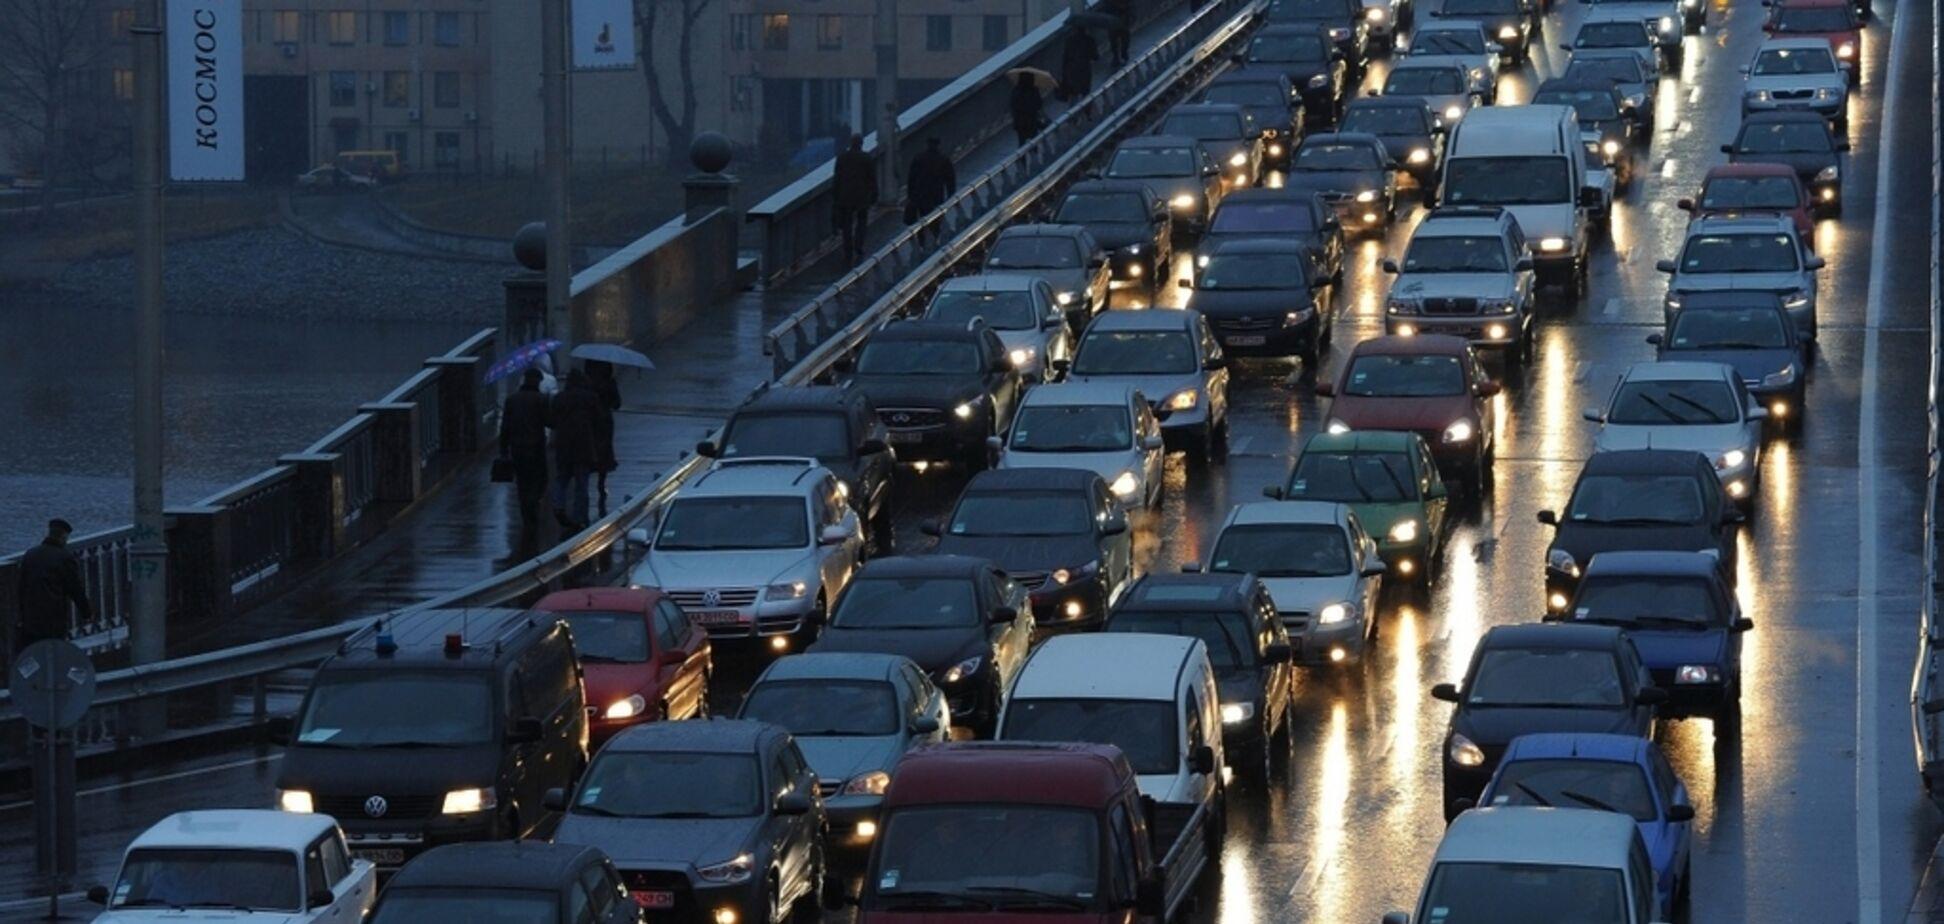 В Україні запропонували ввести рейтинг водіїв: у чому суть